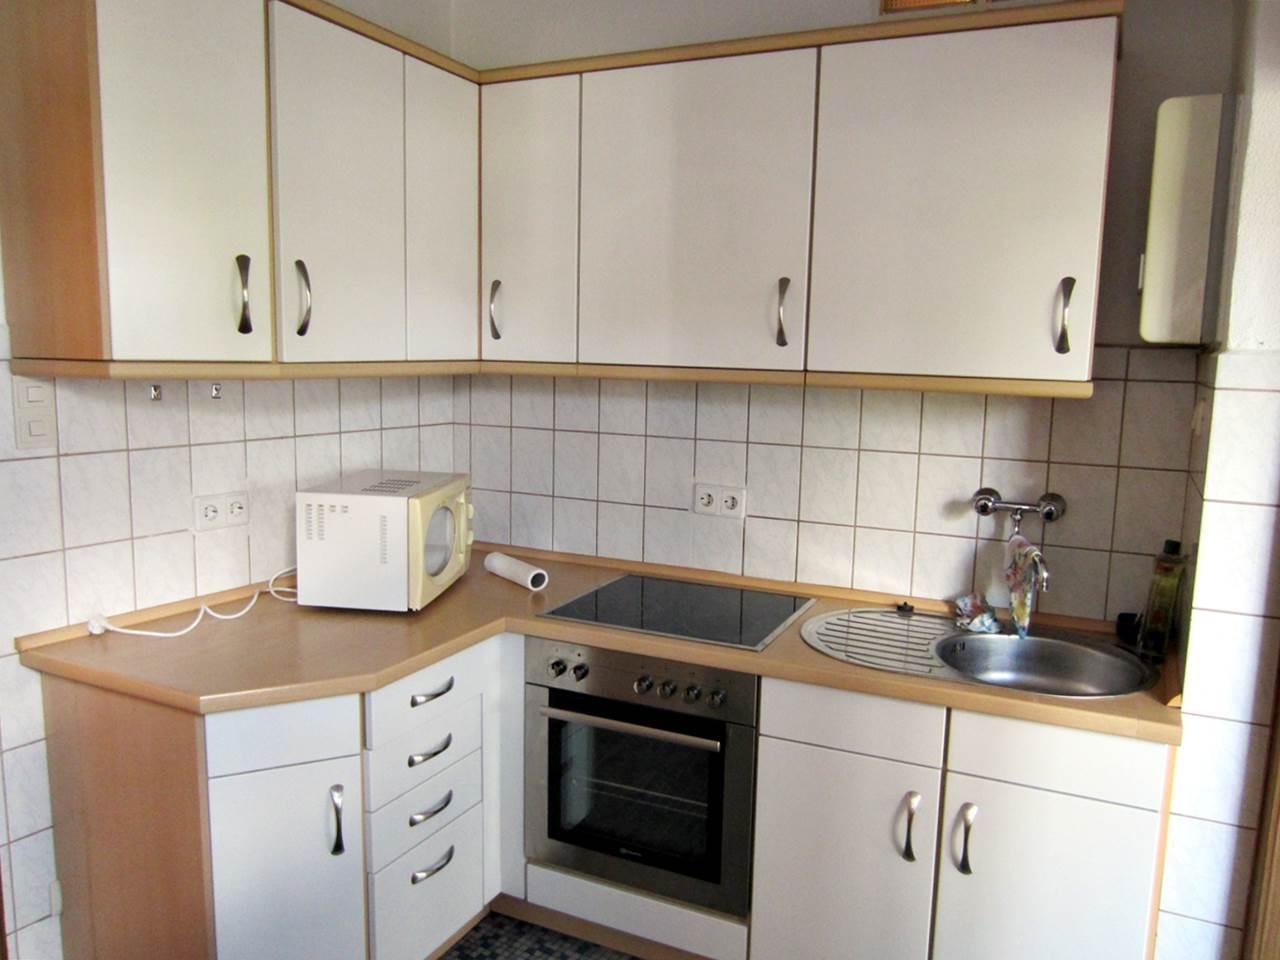 Moderne Einbauküche weiss mit E-Geräten | Trödel Oase ...